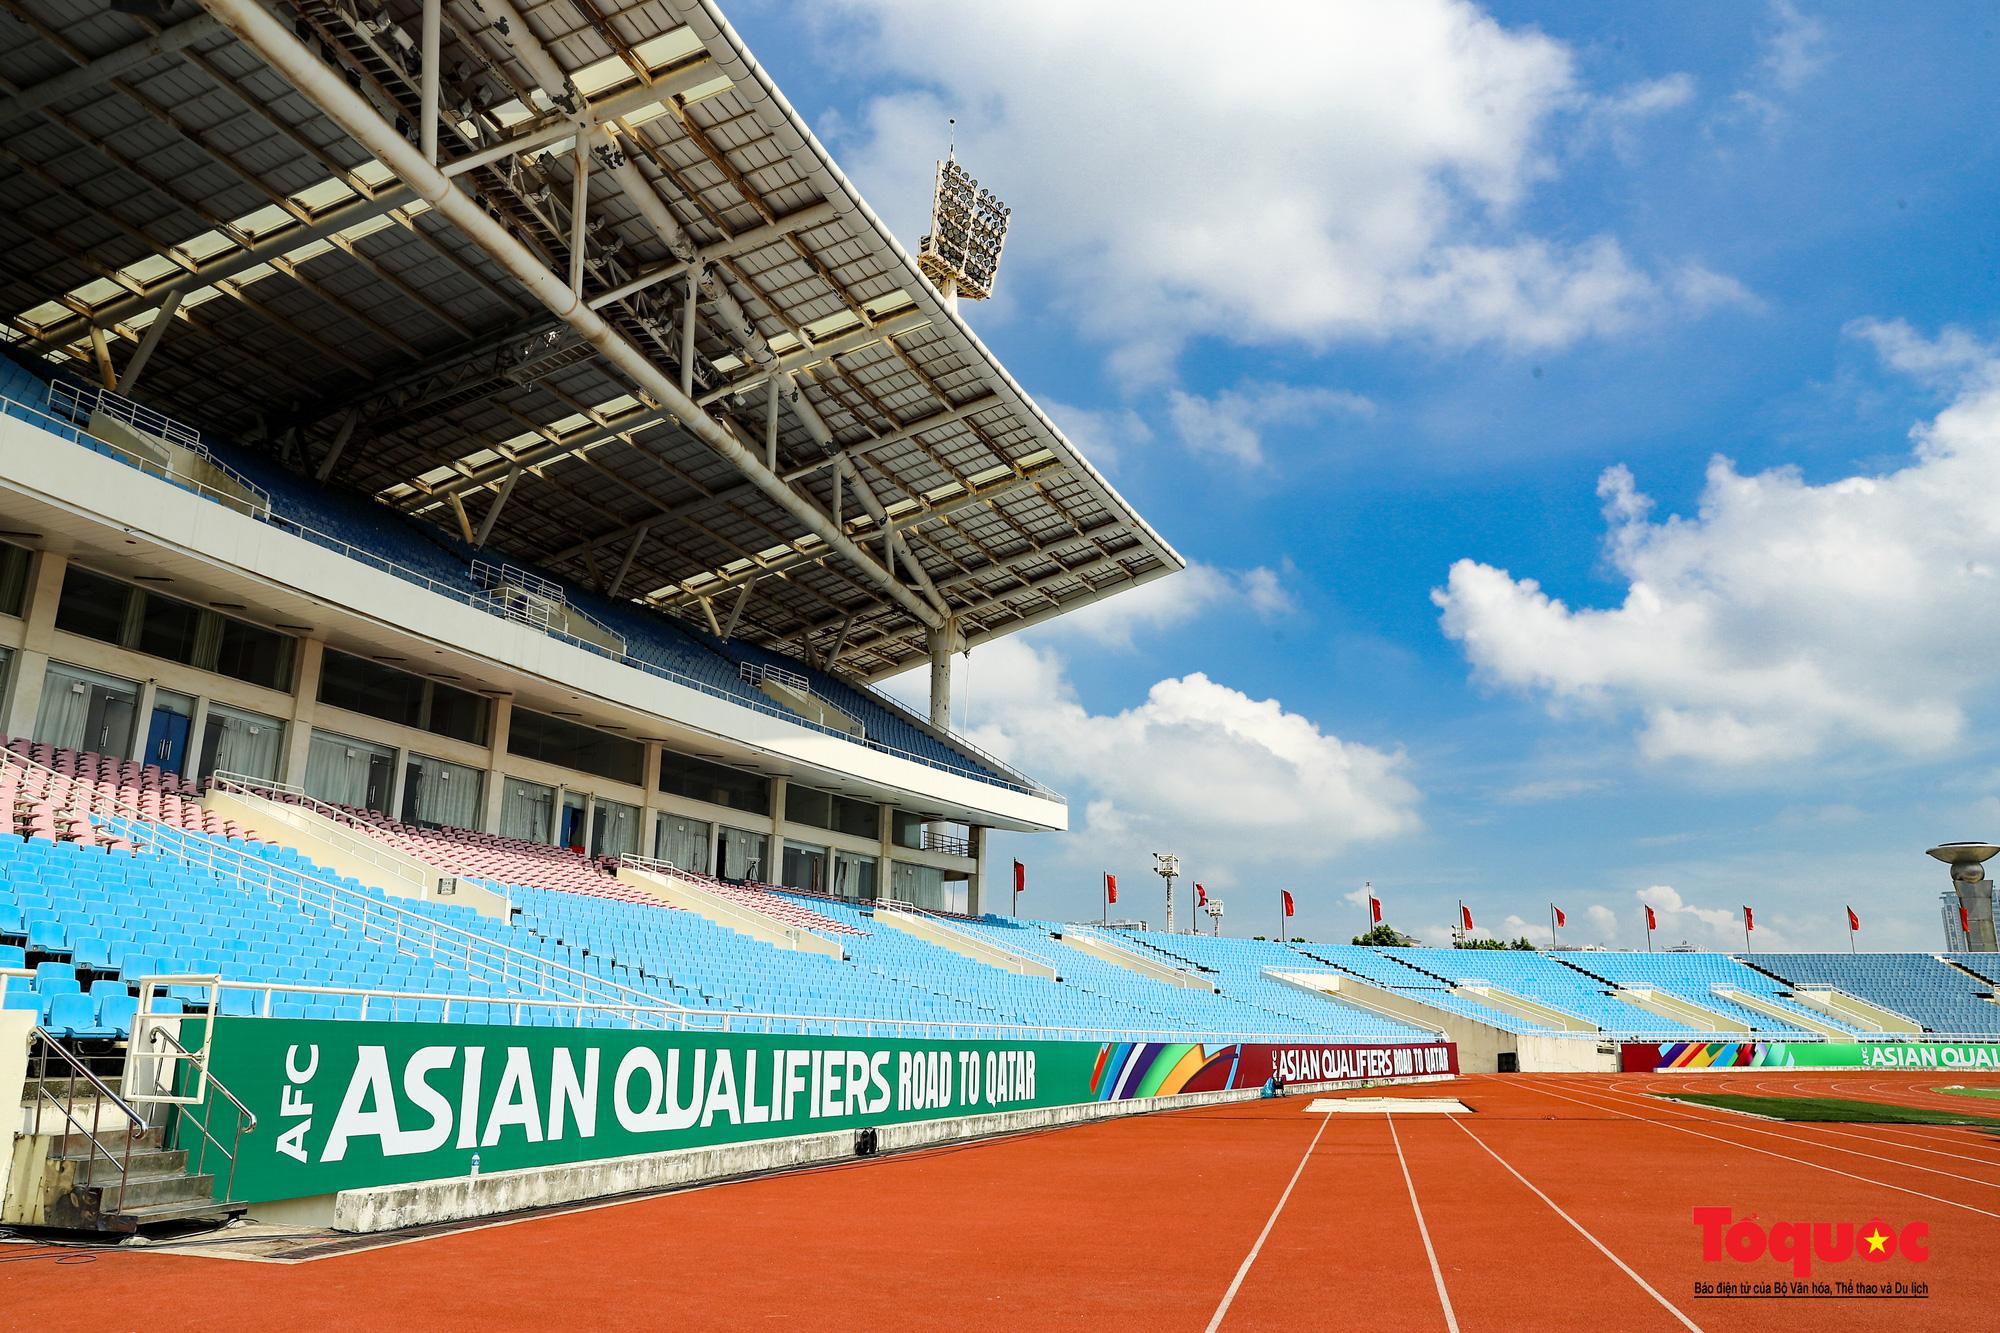 Đảm bảo an toàn tuyệt đối trận đấu giữa đội tuyển Việt Nam và Úc vòng loại thứ 3 World Cup 2022 khu vực châu Á - Ảnh 6.